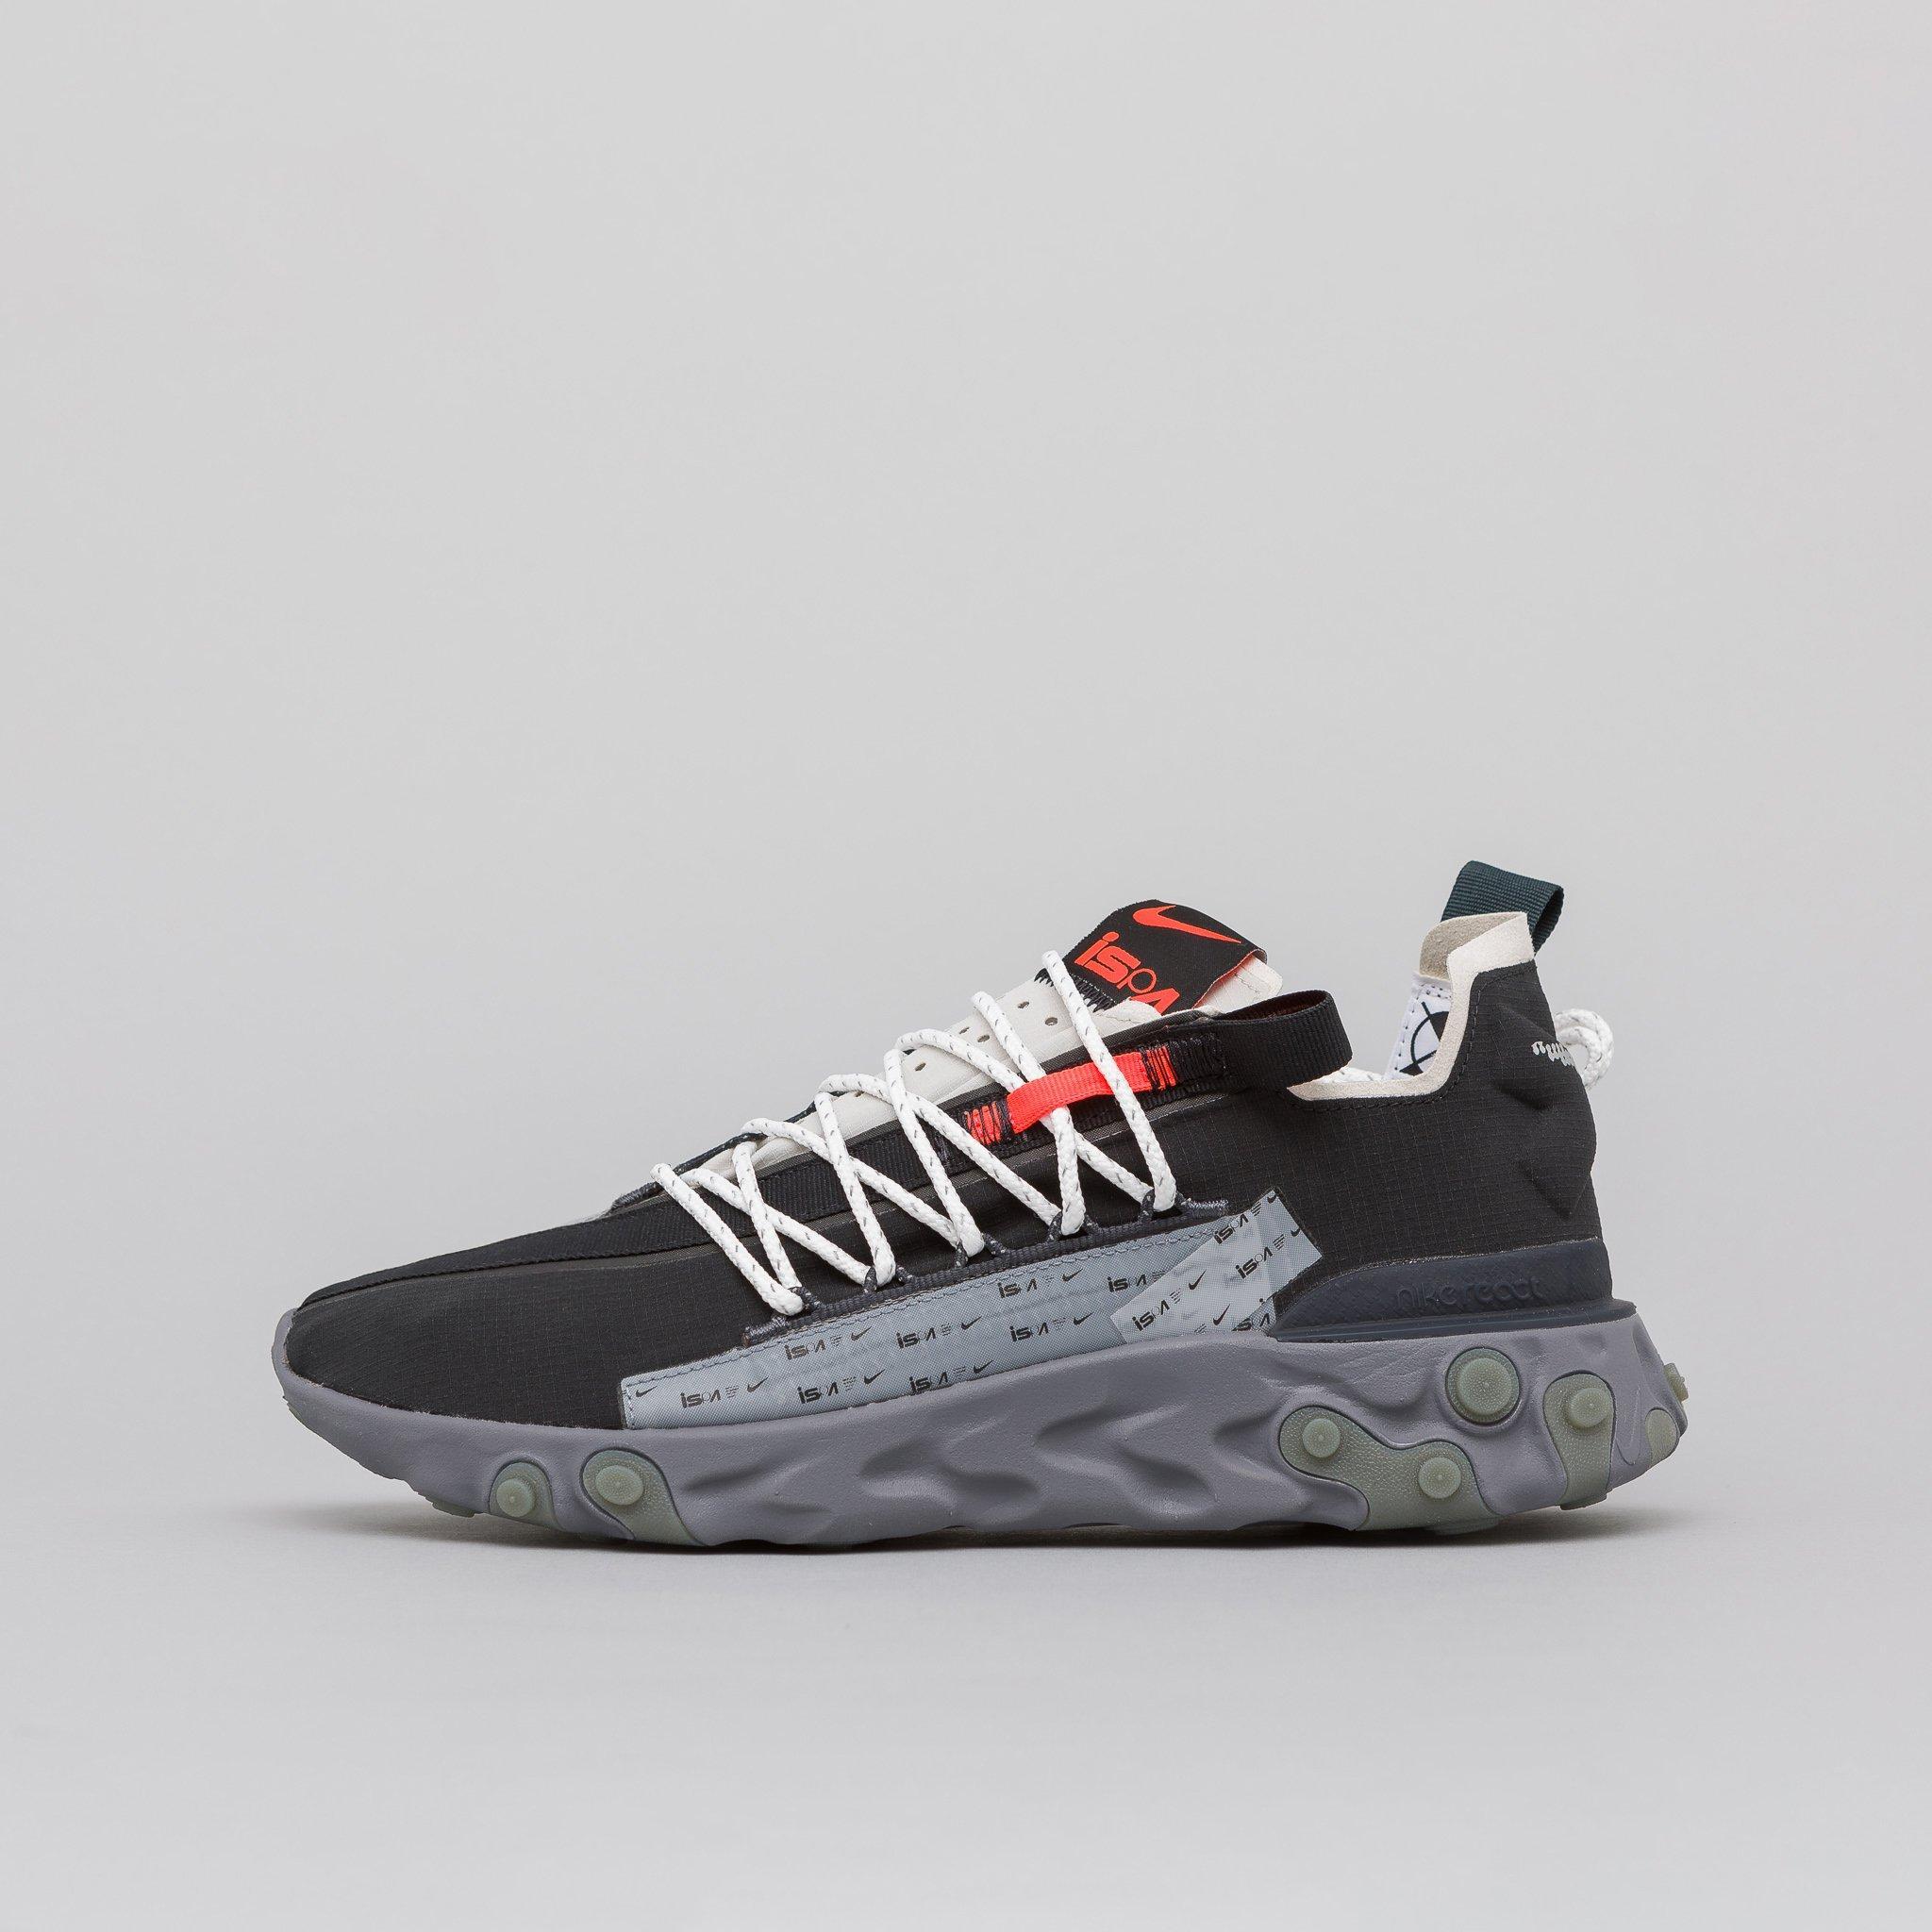 Nike Lace Sneakers Uomo React Wr Ispa Ar8555.200 in Metallic